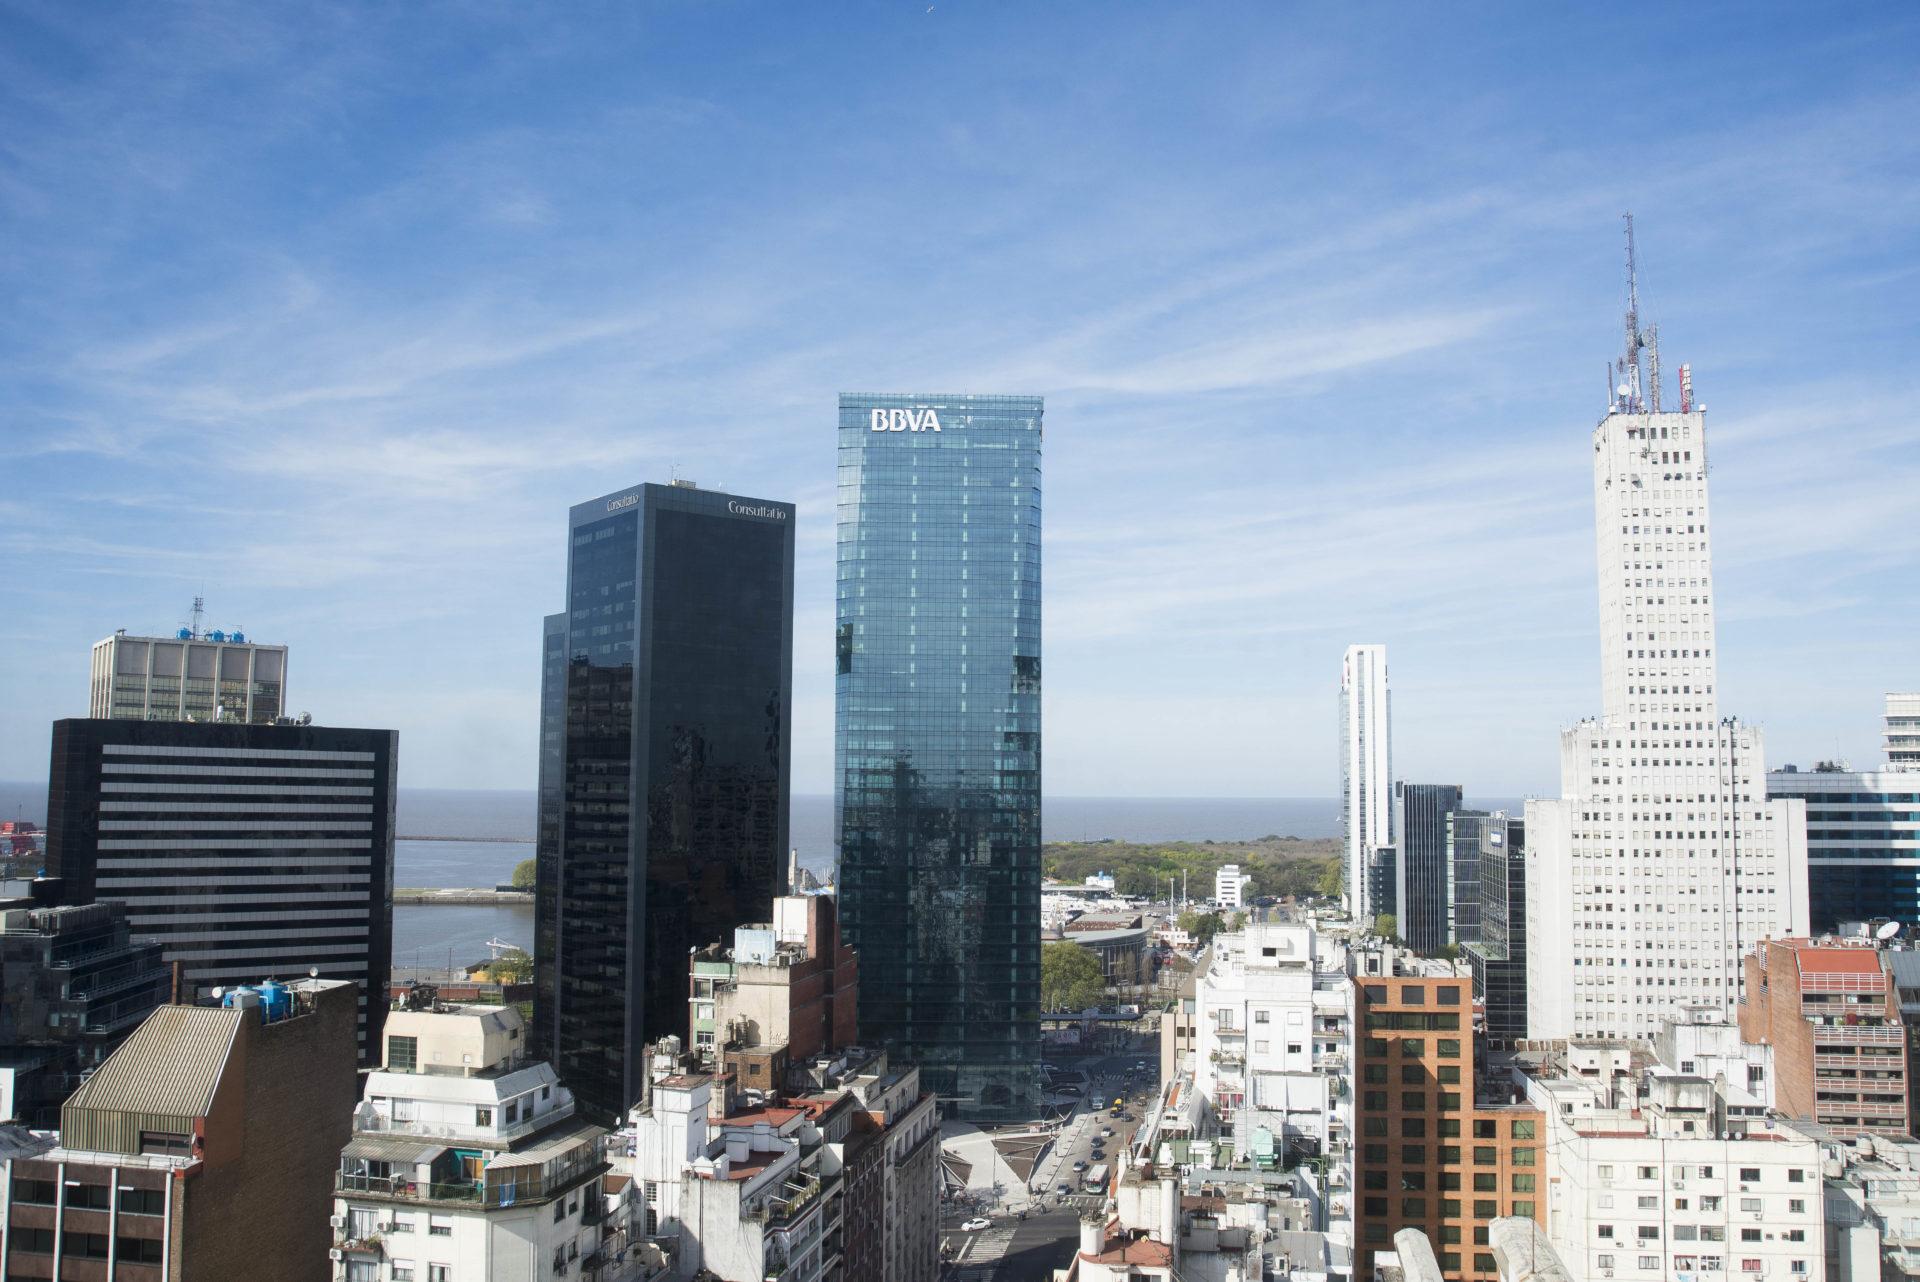 fotografía de torre bbva frances buenos aires edificio arquitectura bbva